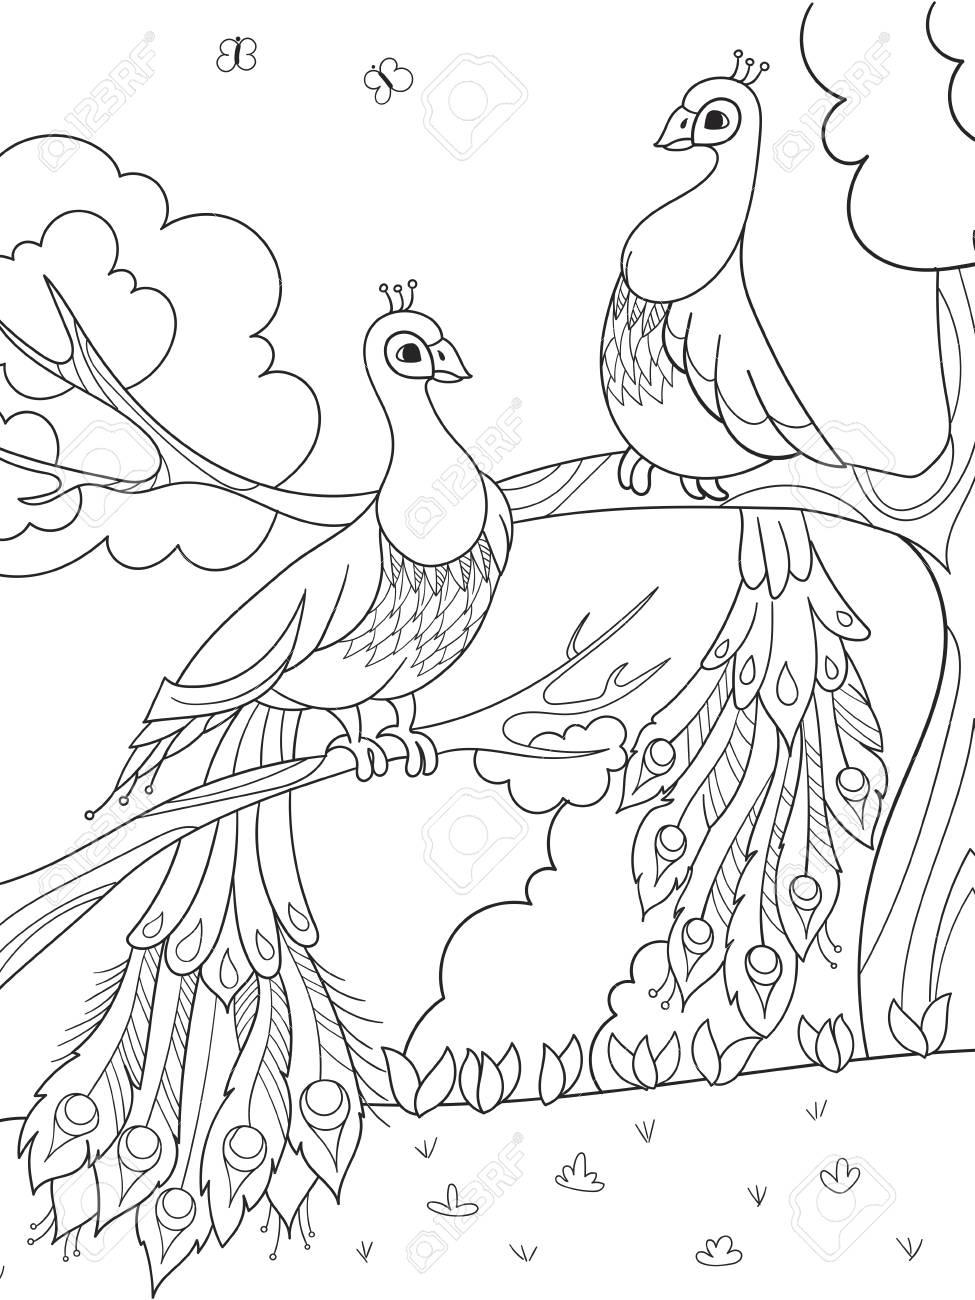 Coloriage Arbre Et Oiseau.Coloriage De Dessin Anime Pour Les Enfants Un Oiseau Une Plume D